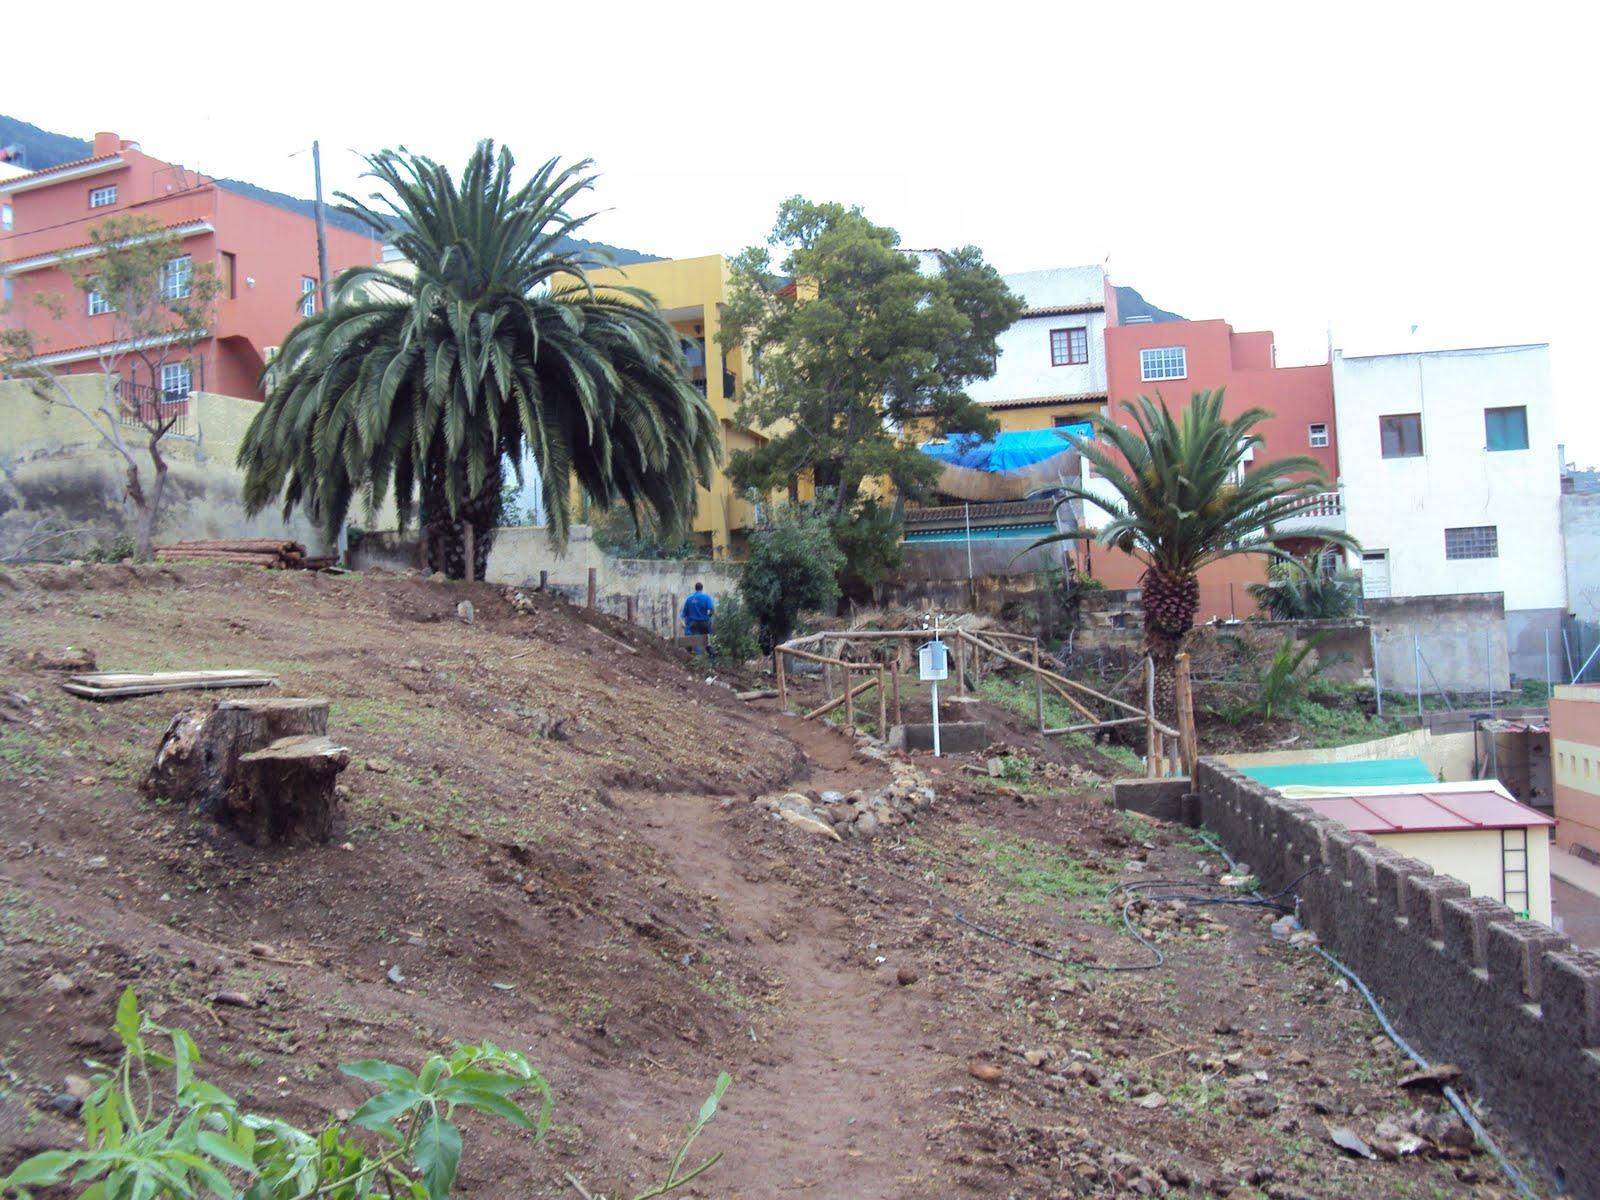 Curso auxiliar jardineria d a 9 colegio p rez zamora for Auxiliar jardineria